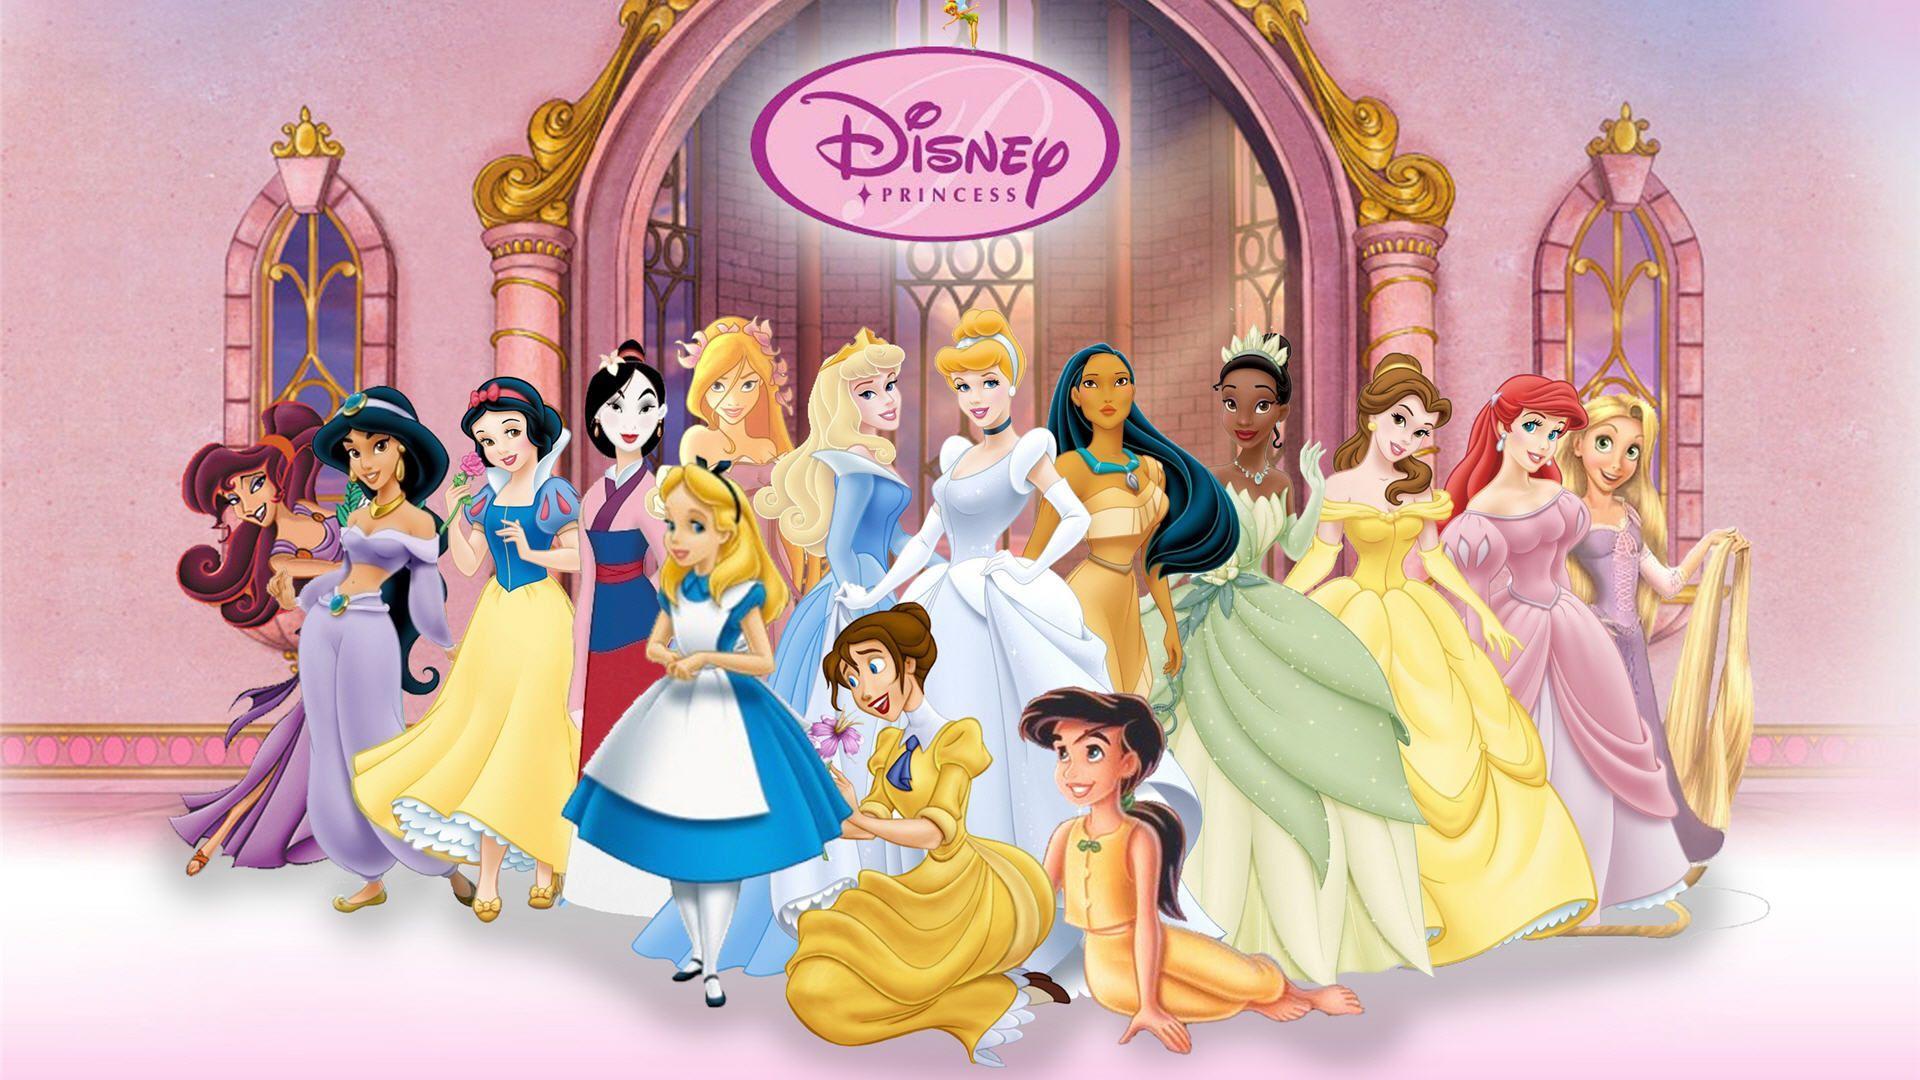 Disney Princesses HD Wallpapers